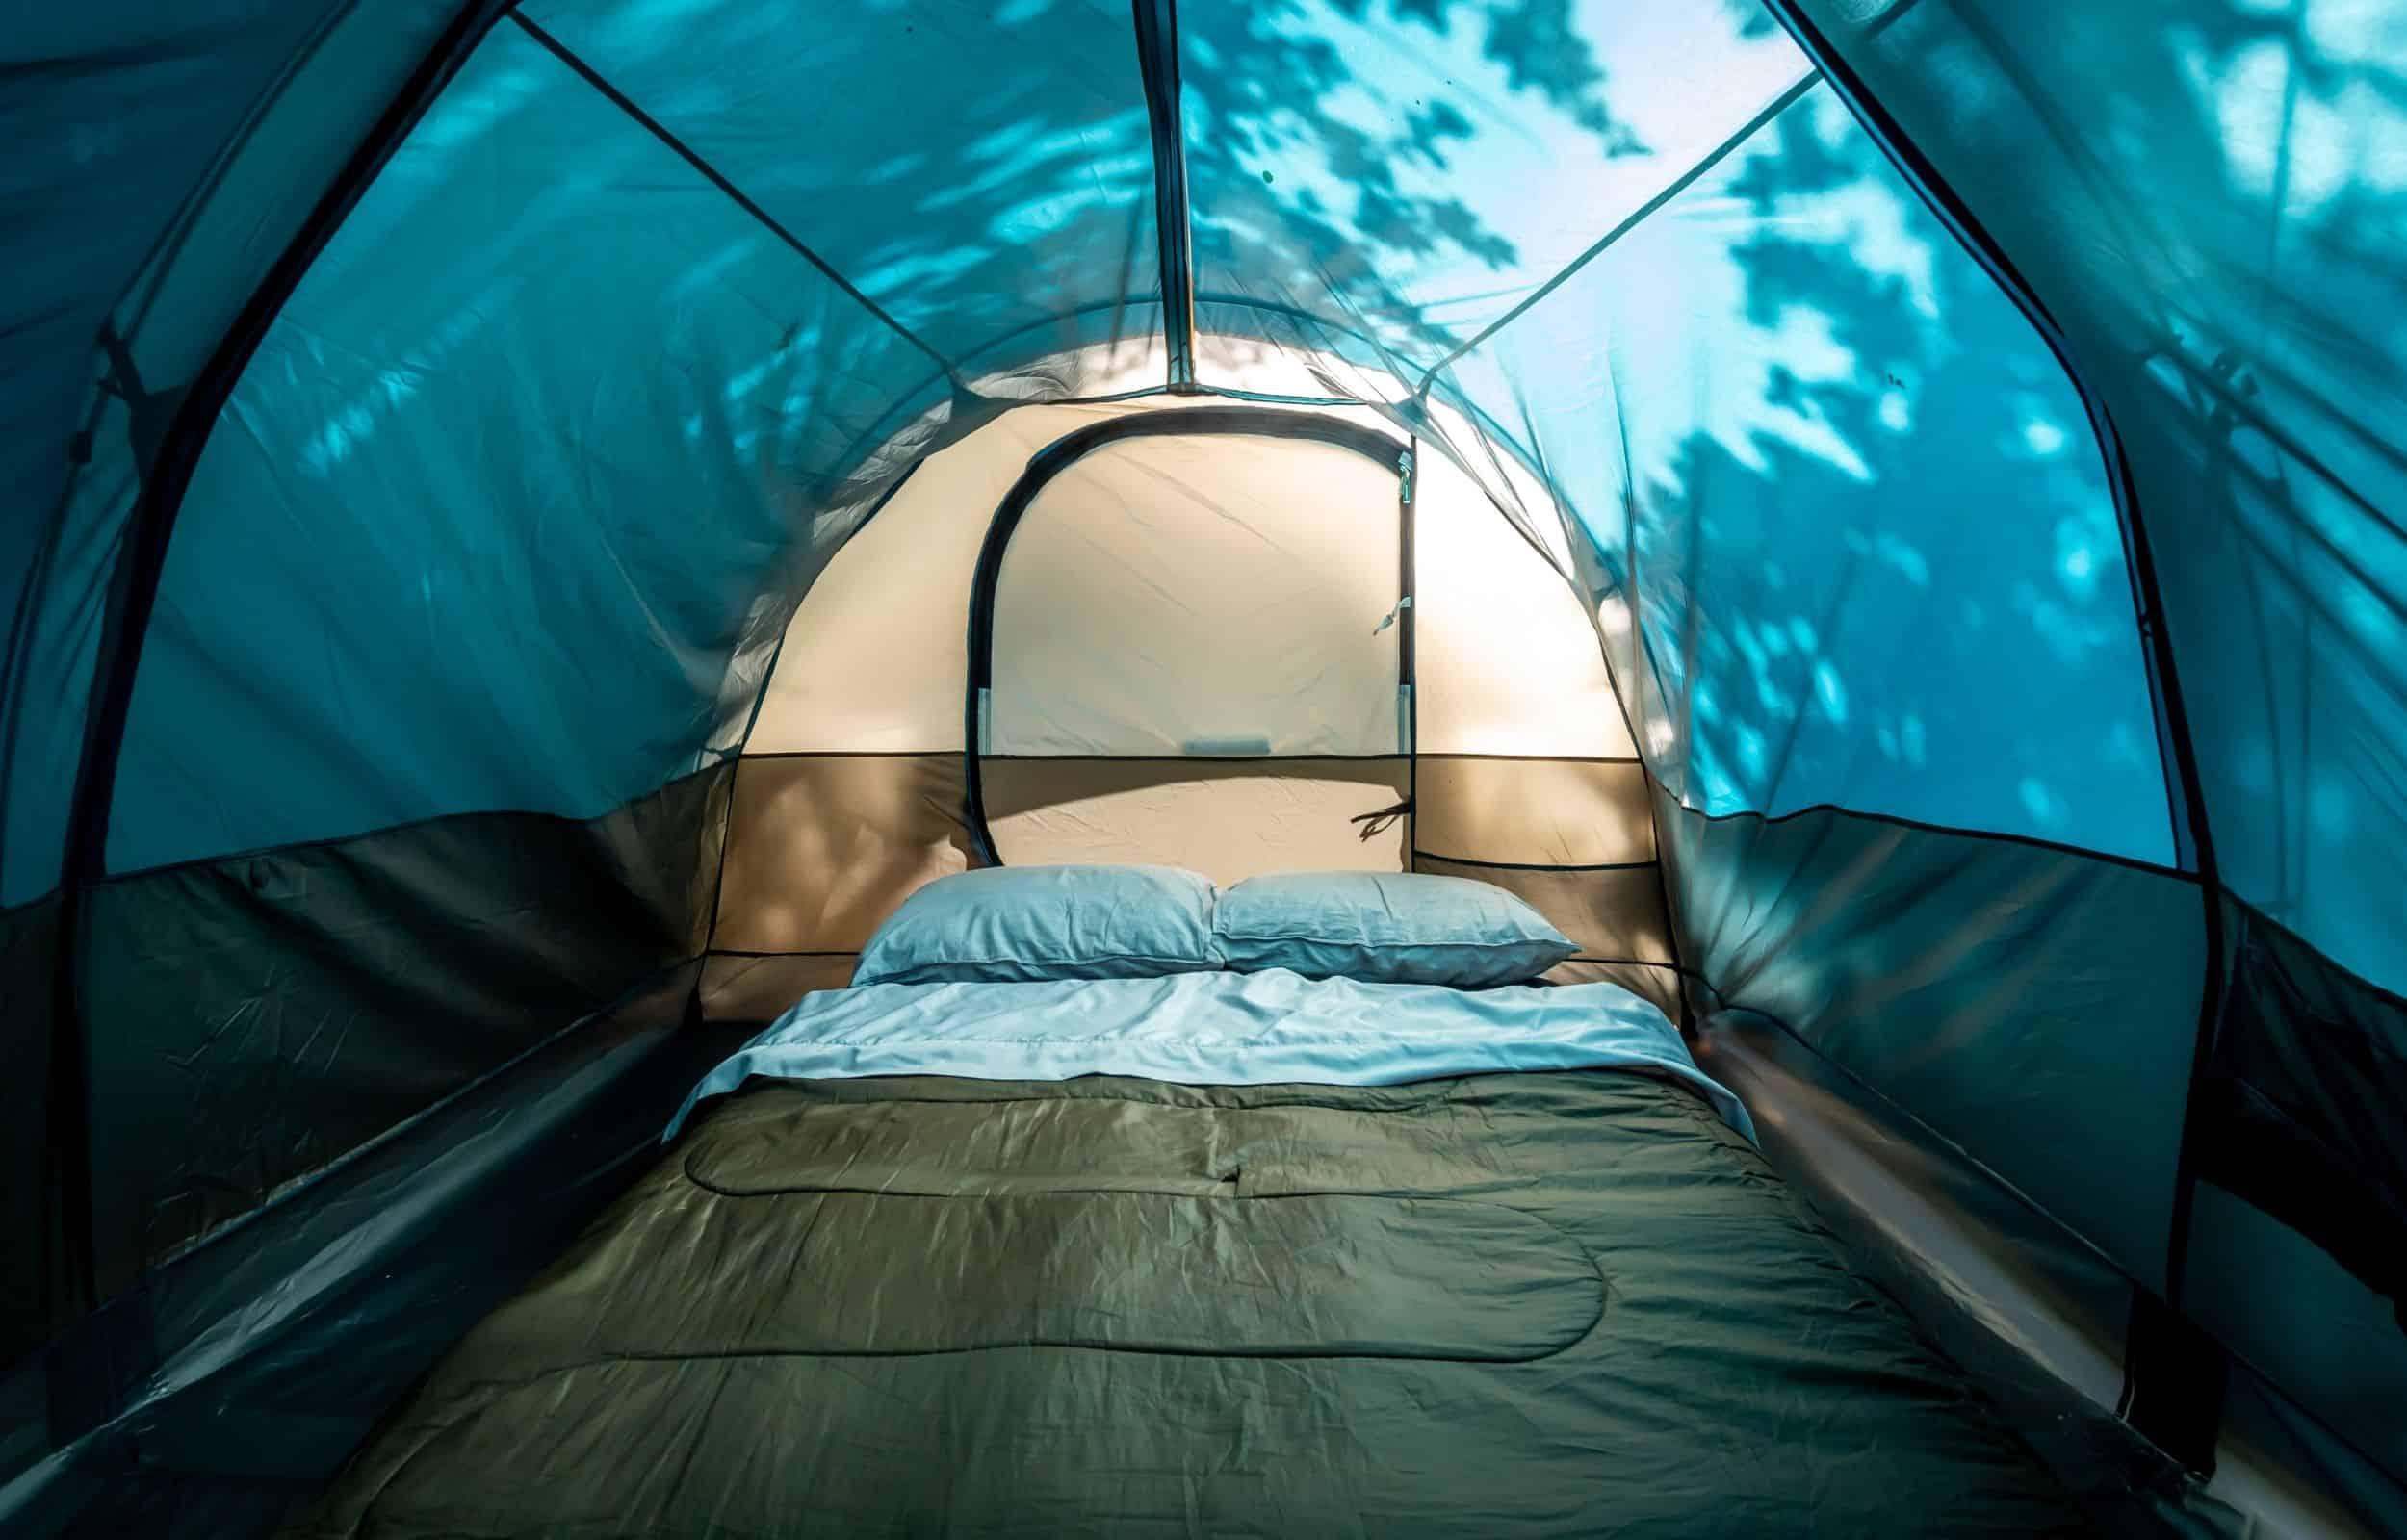 camping mattress tent blue